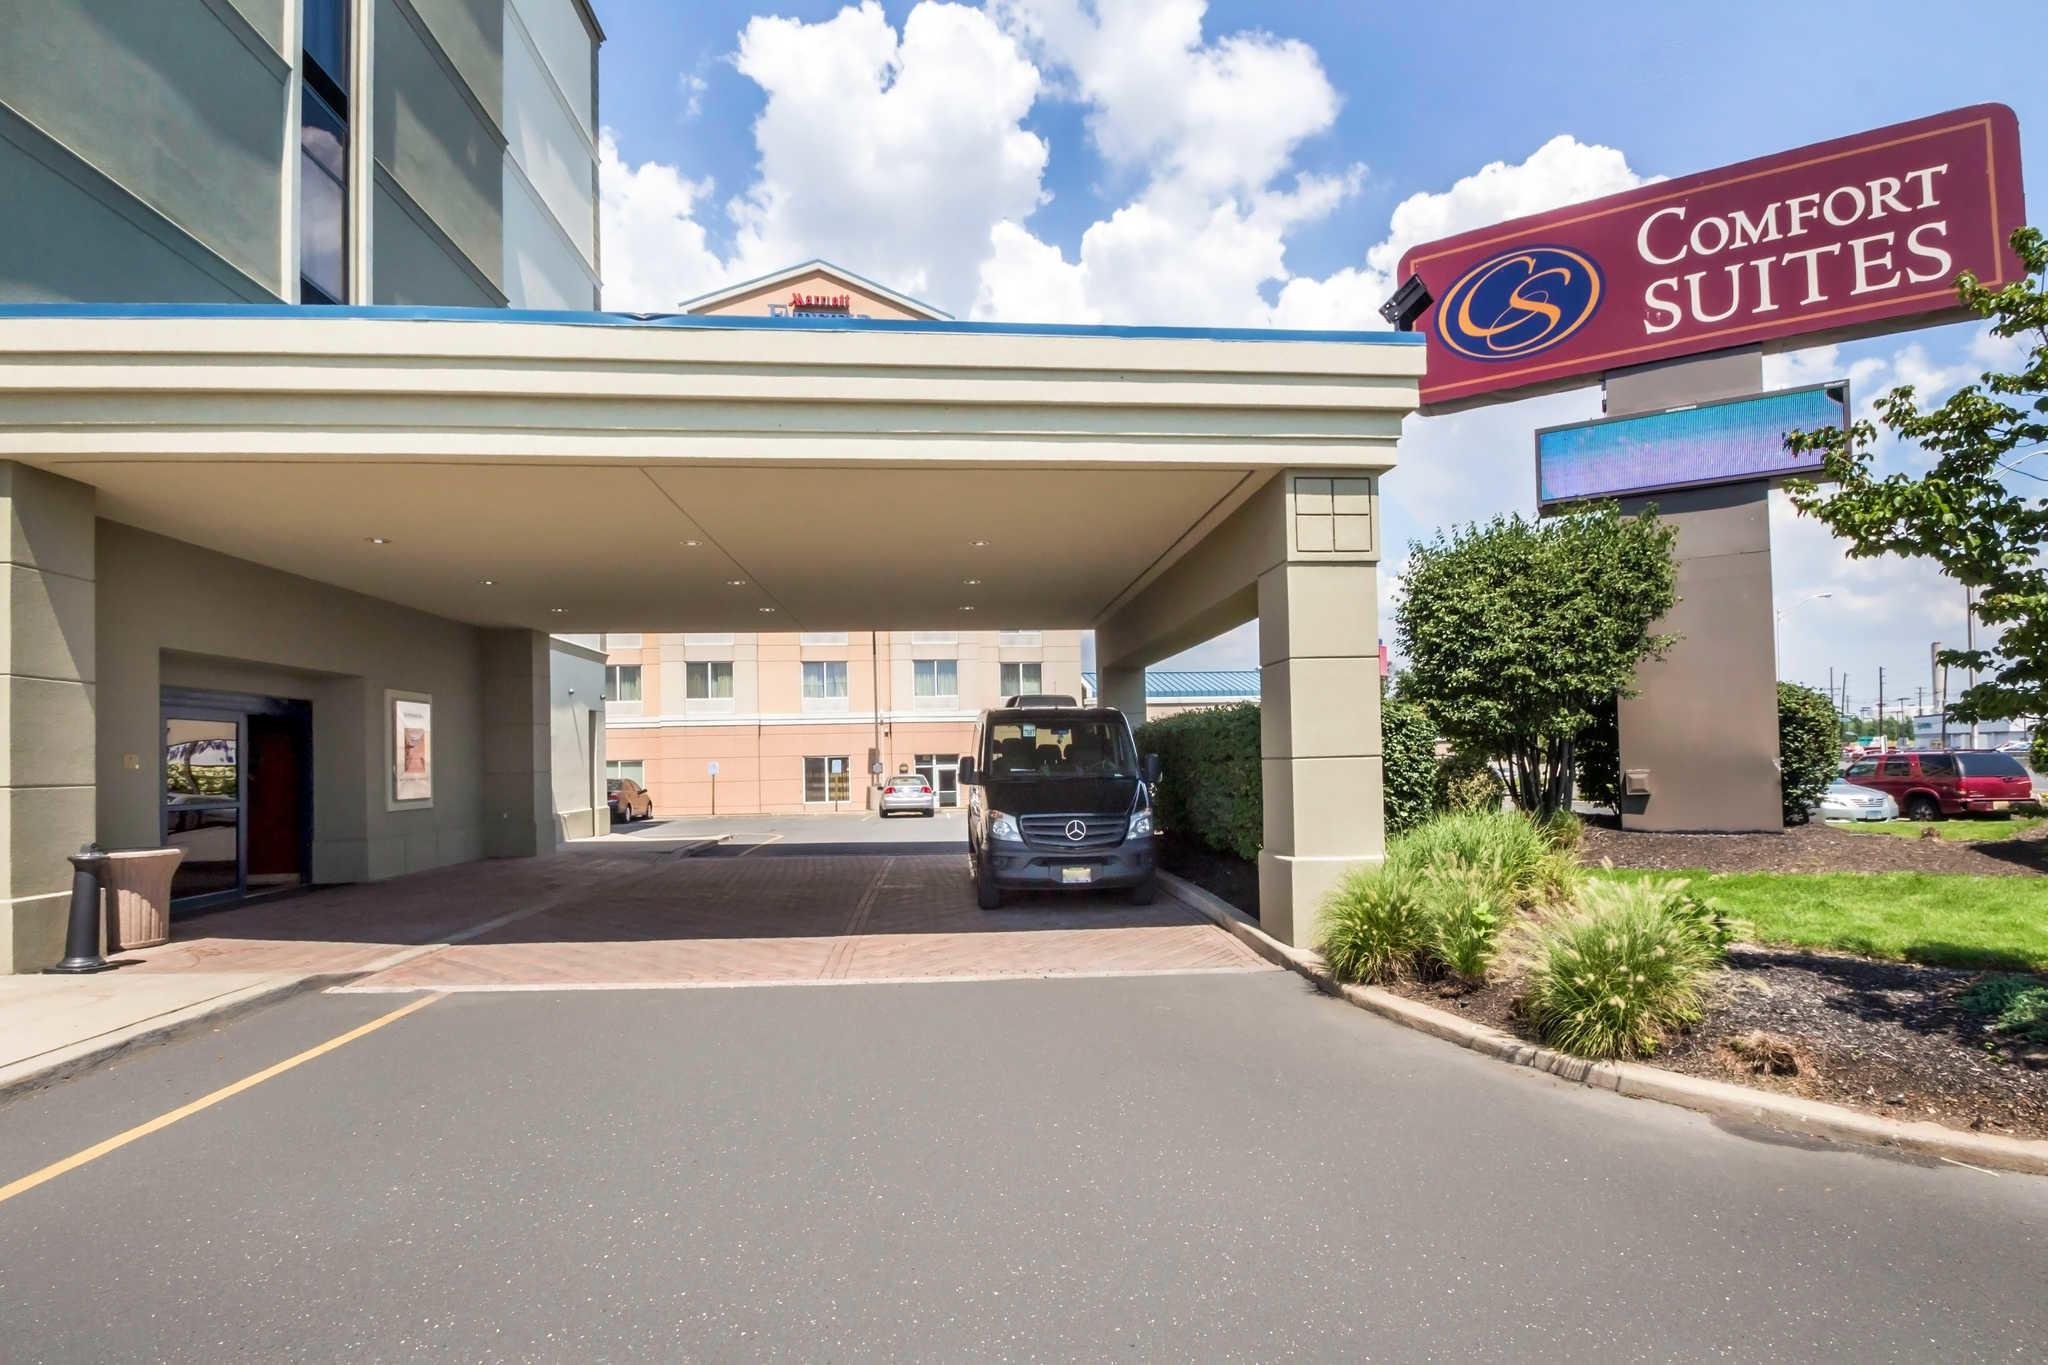 Comfort suites at woodbridge in avenel nj 07001 for La mirage motor inn avenel nj